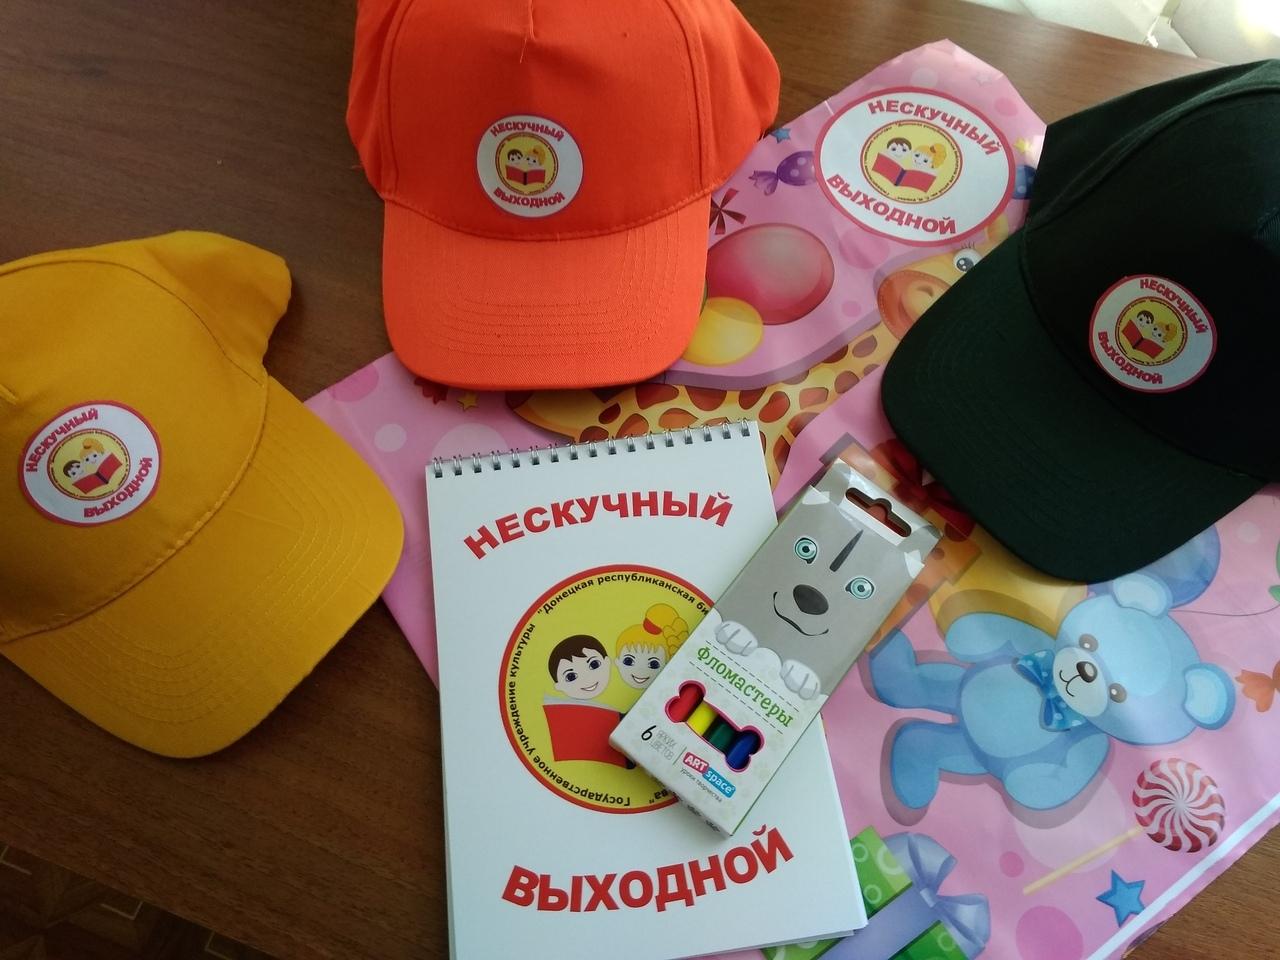 социально-культурная акция, Донецкая республиканская библиотека для детей, лето в библиотеке, нескучный выходной